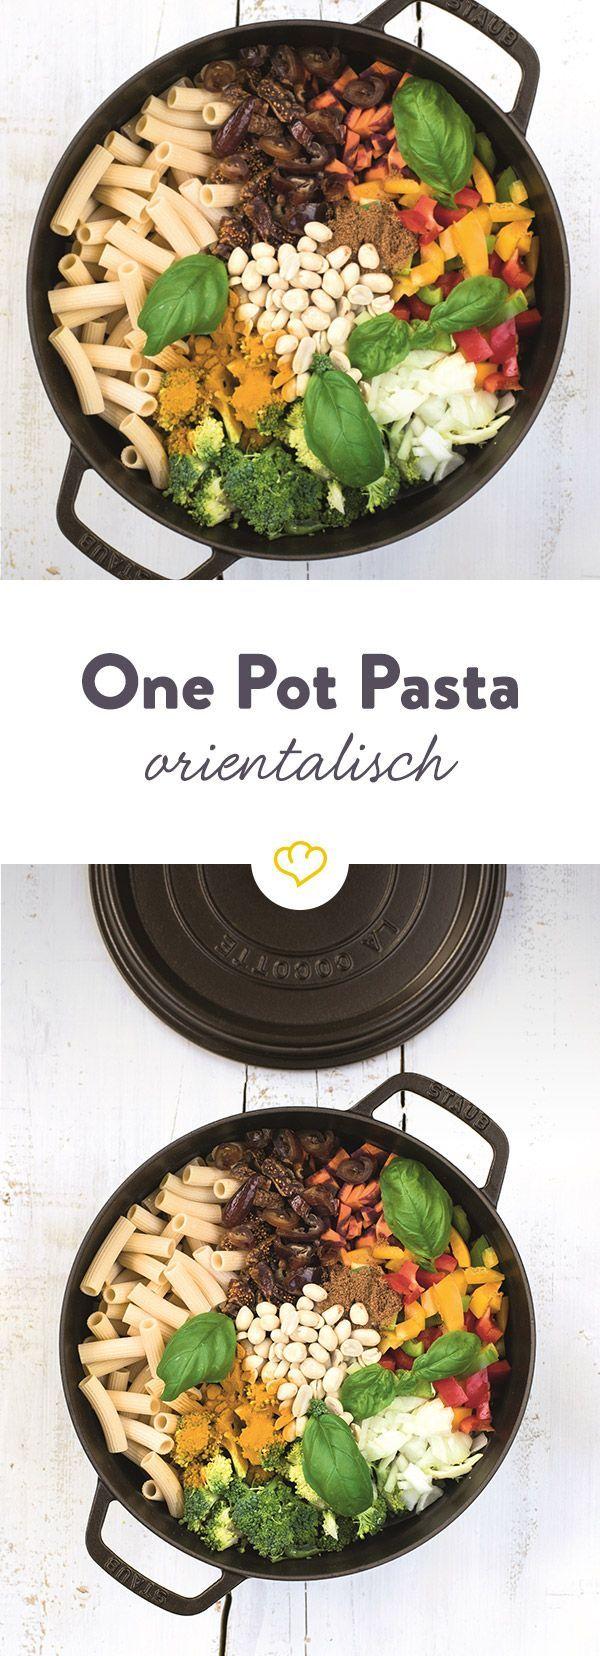 Hier kommt zusammen, was zusammen gehört: Feine Süße und milde Schärfe. Und das alles in einem Topf - mit extra viel Pasta und buntem Gemüseallerlei.